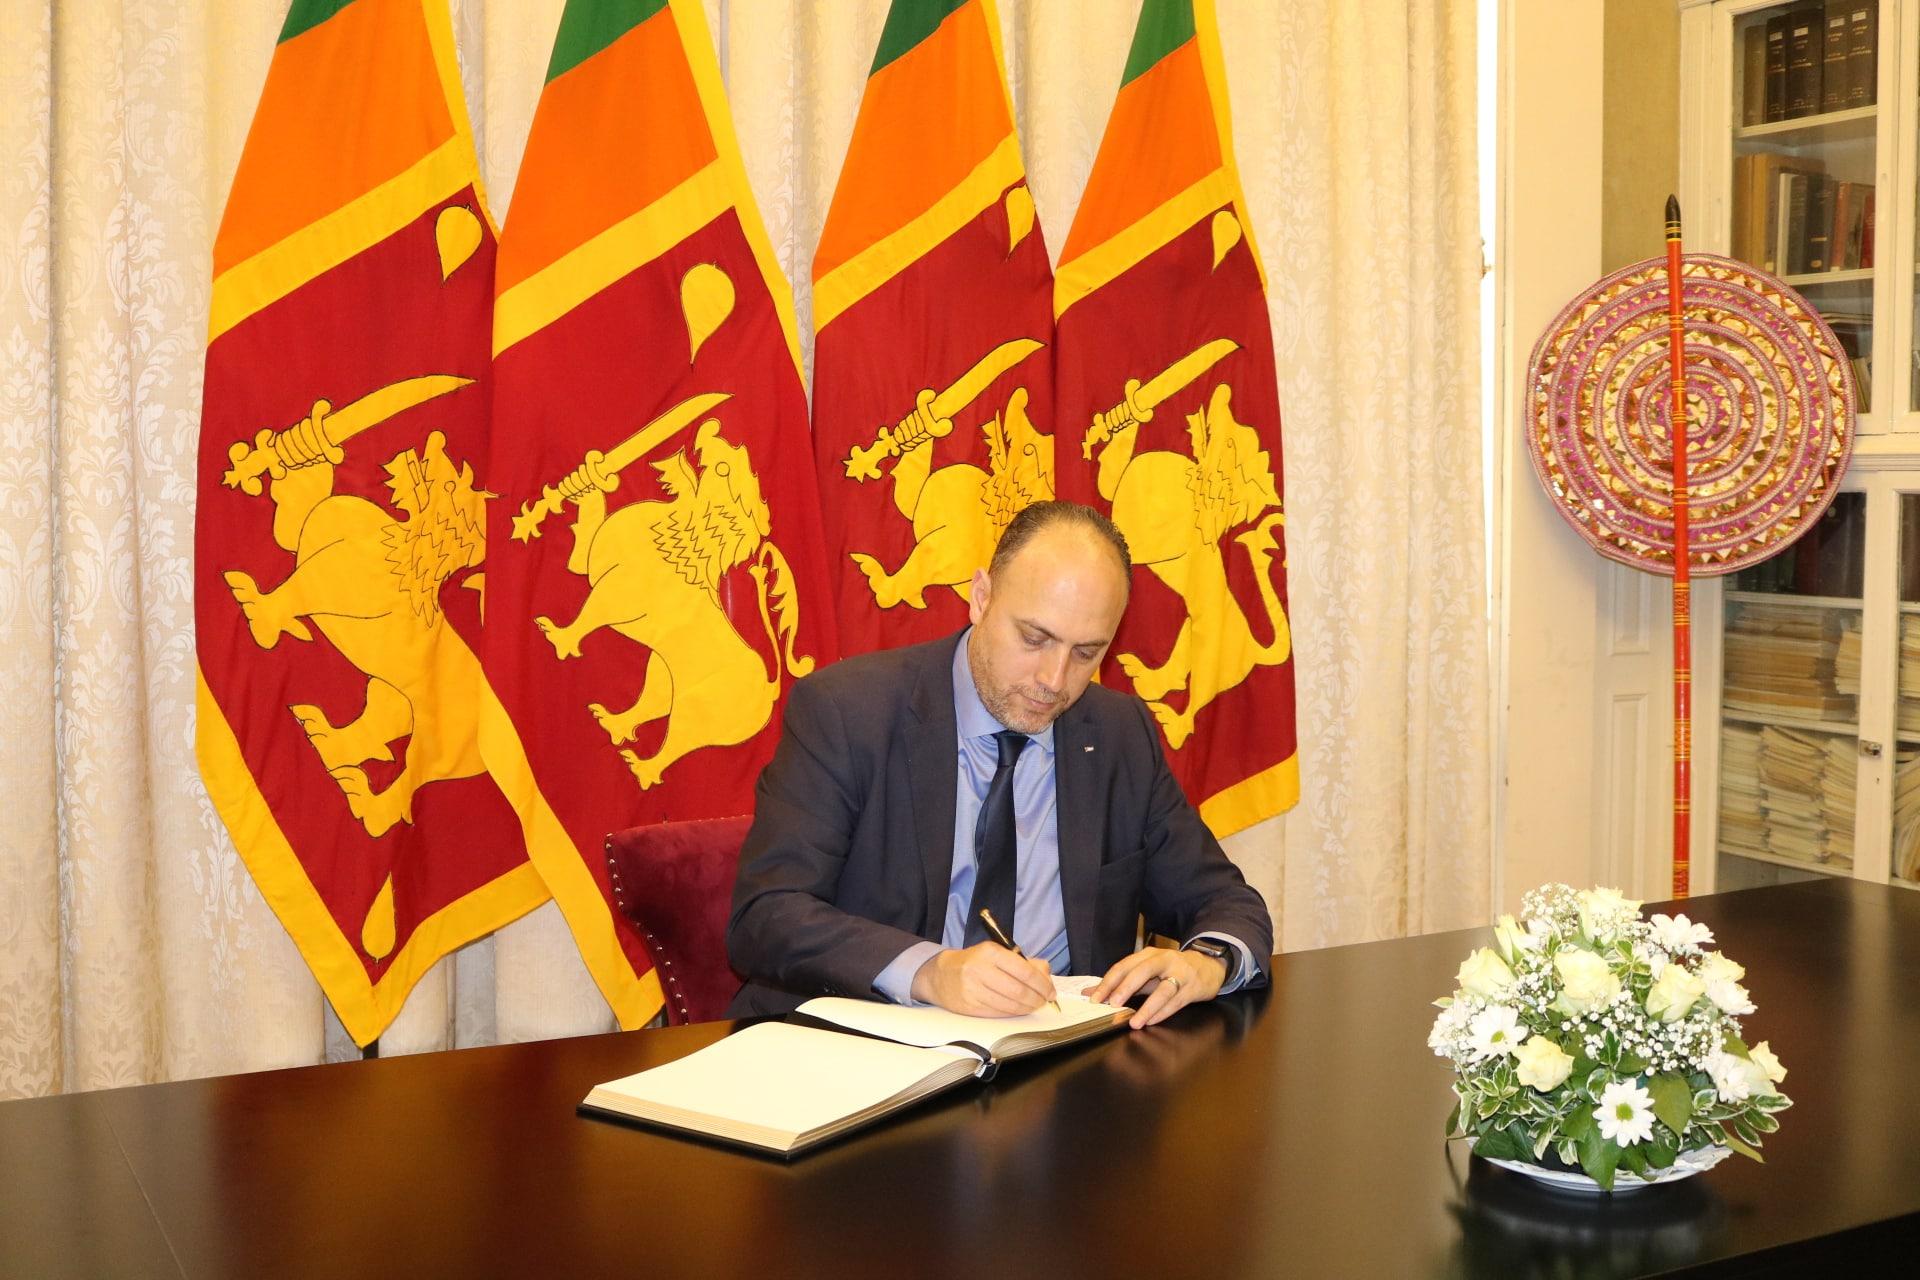 Dr Zomlot offers condolences to Sri Lankan counterpart over terrorist attacks